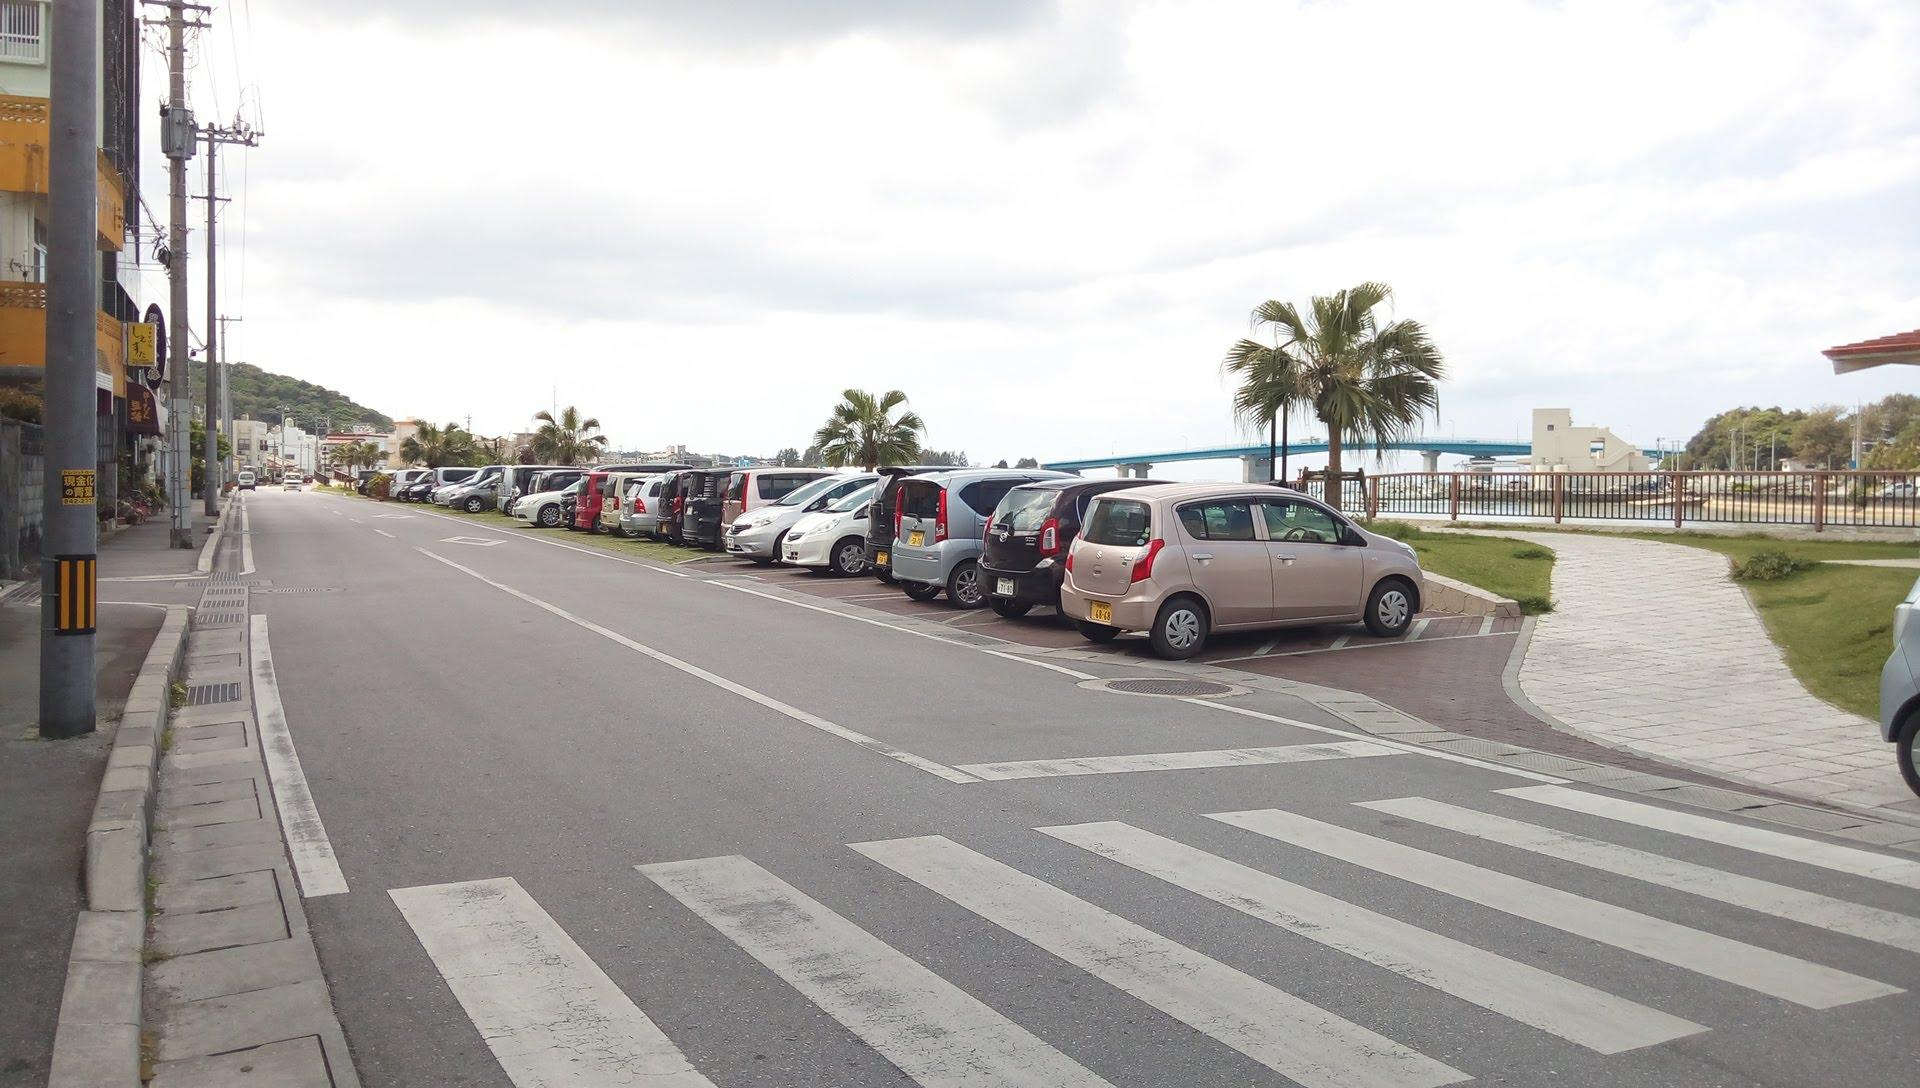 public parking lot nearby